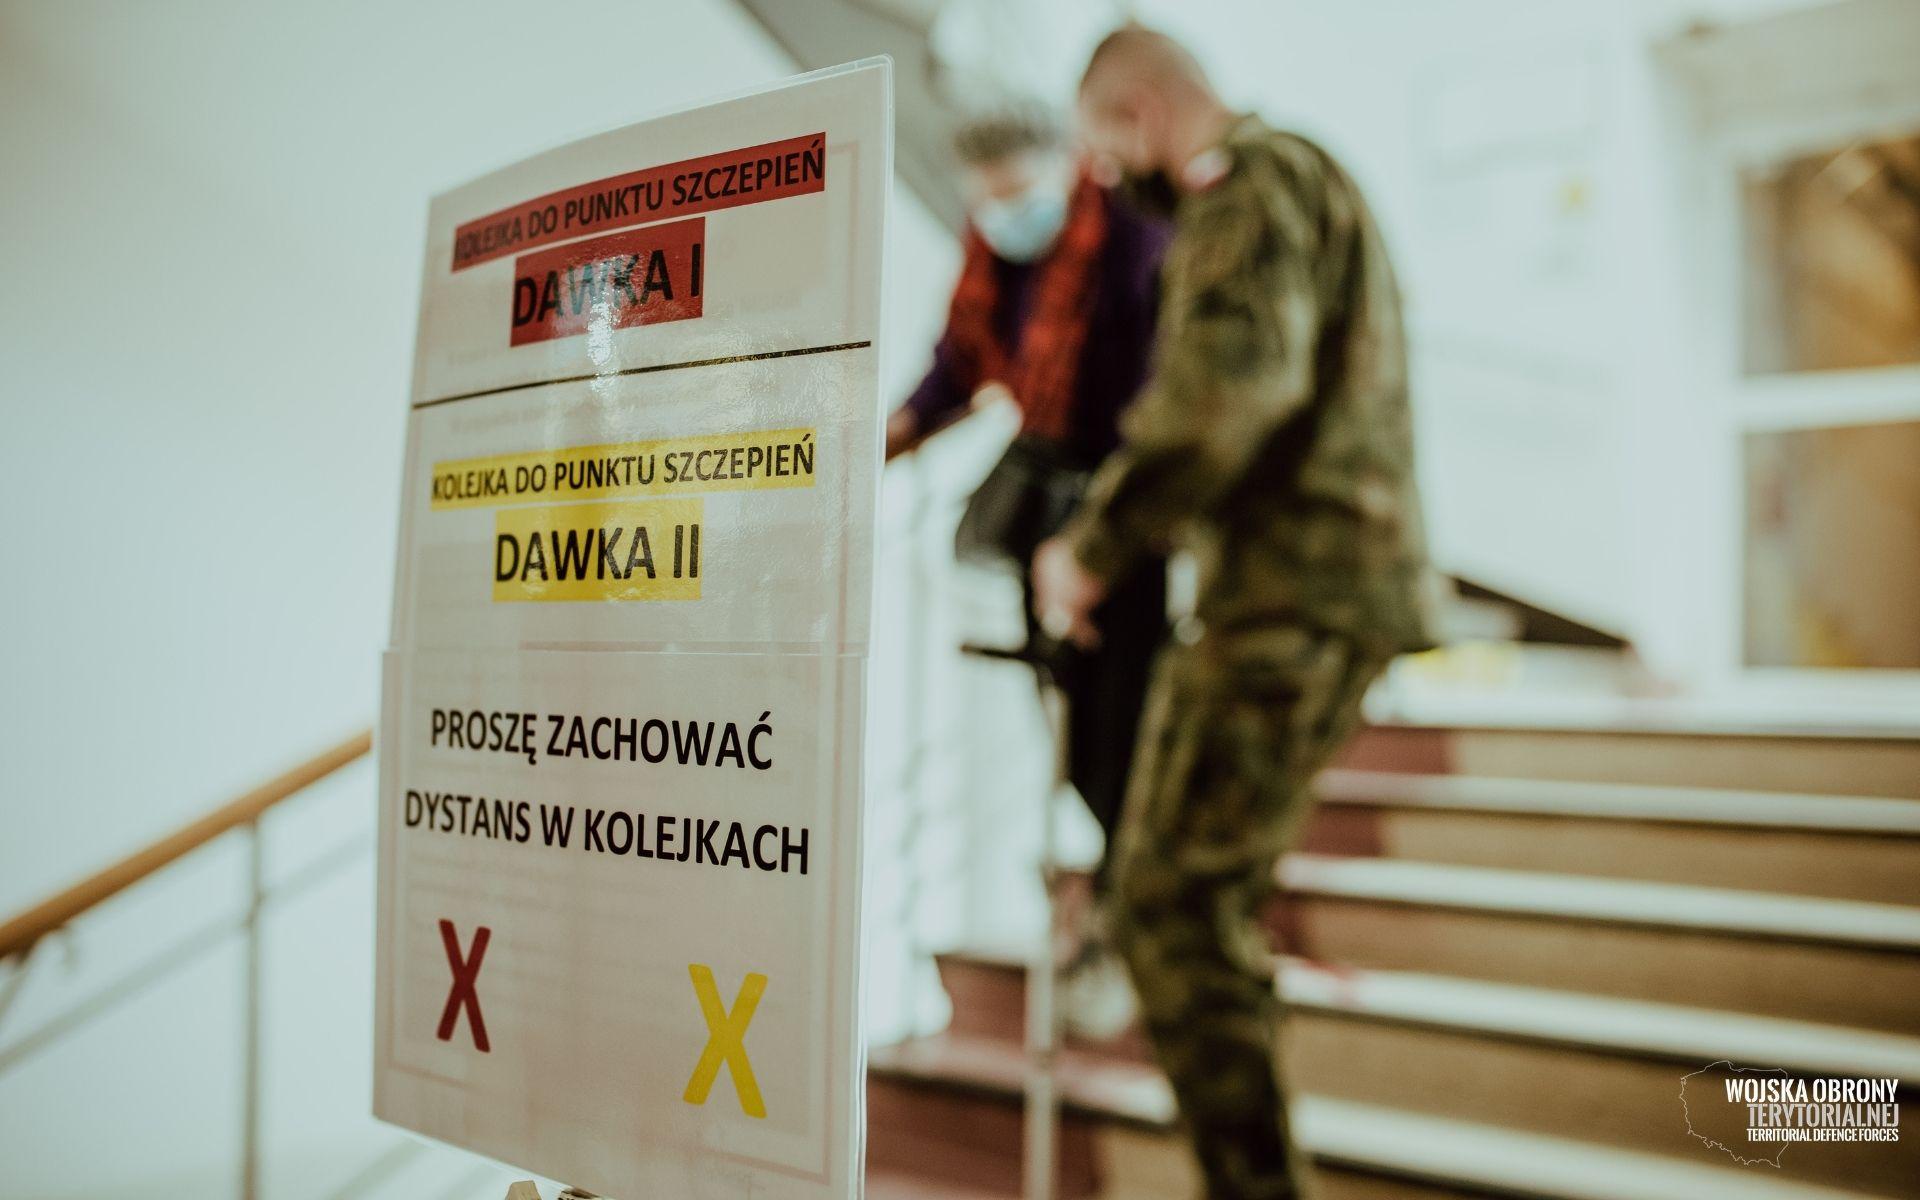 Terytorialsi wspierają Narodowy Program Szczepień